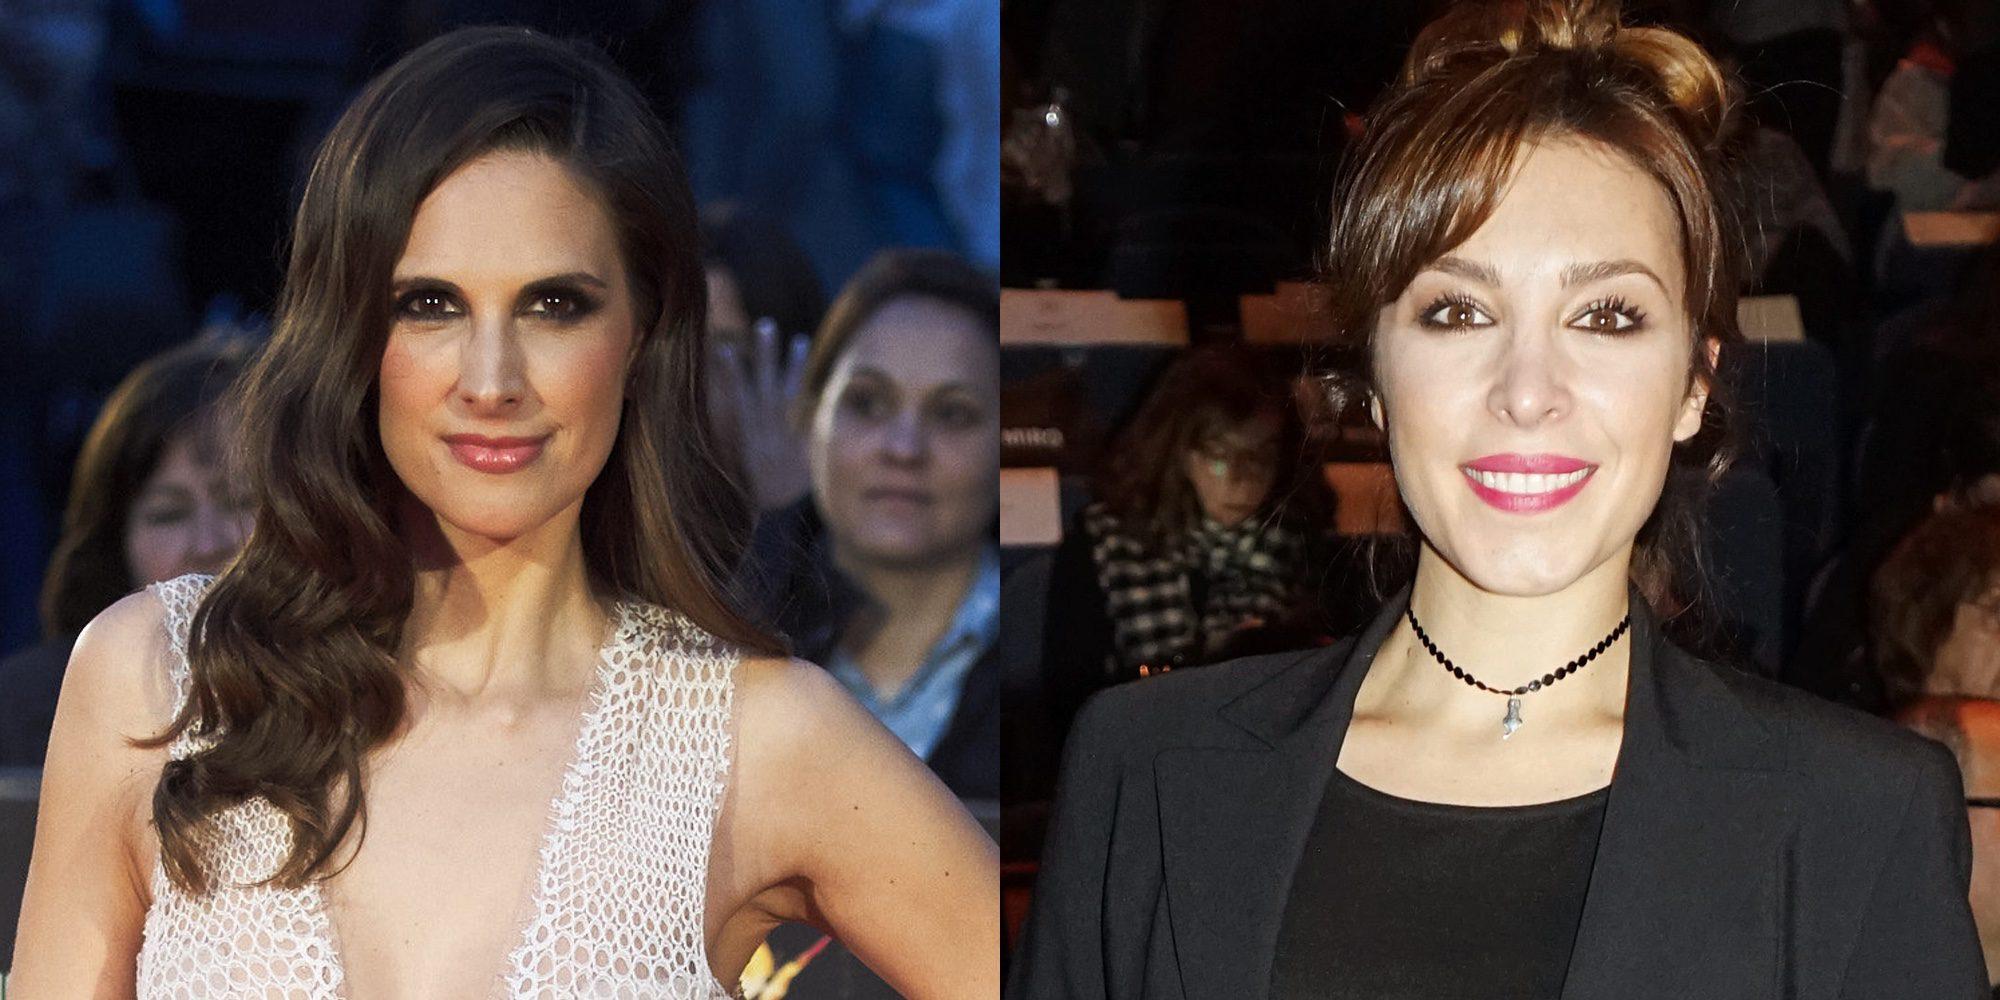 """Nuria Fergó y Gisela presumen de amistad: """"Amiga, te quiero... Qué buenos momentos"""""""